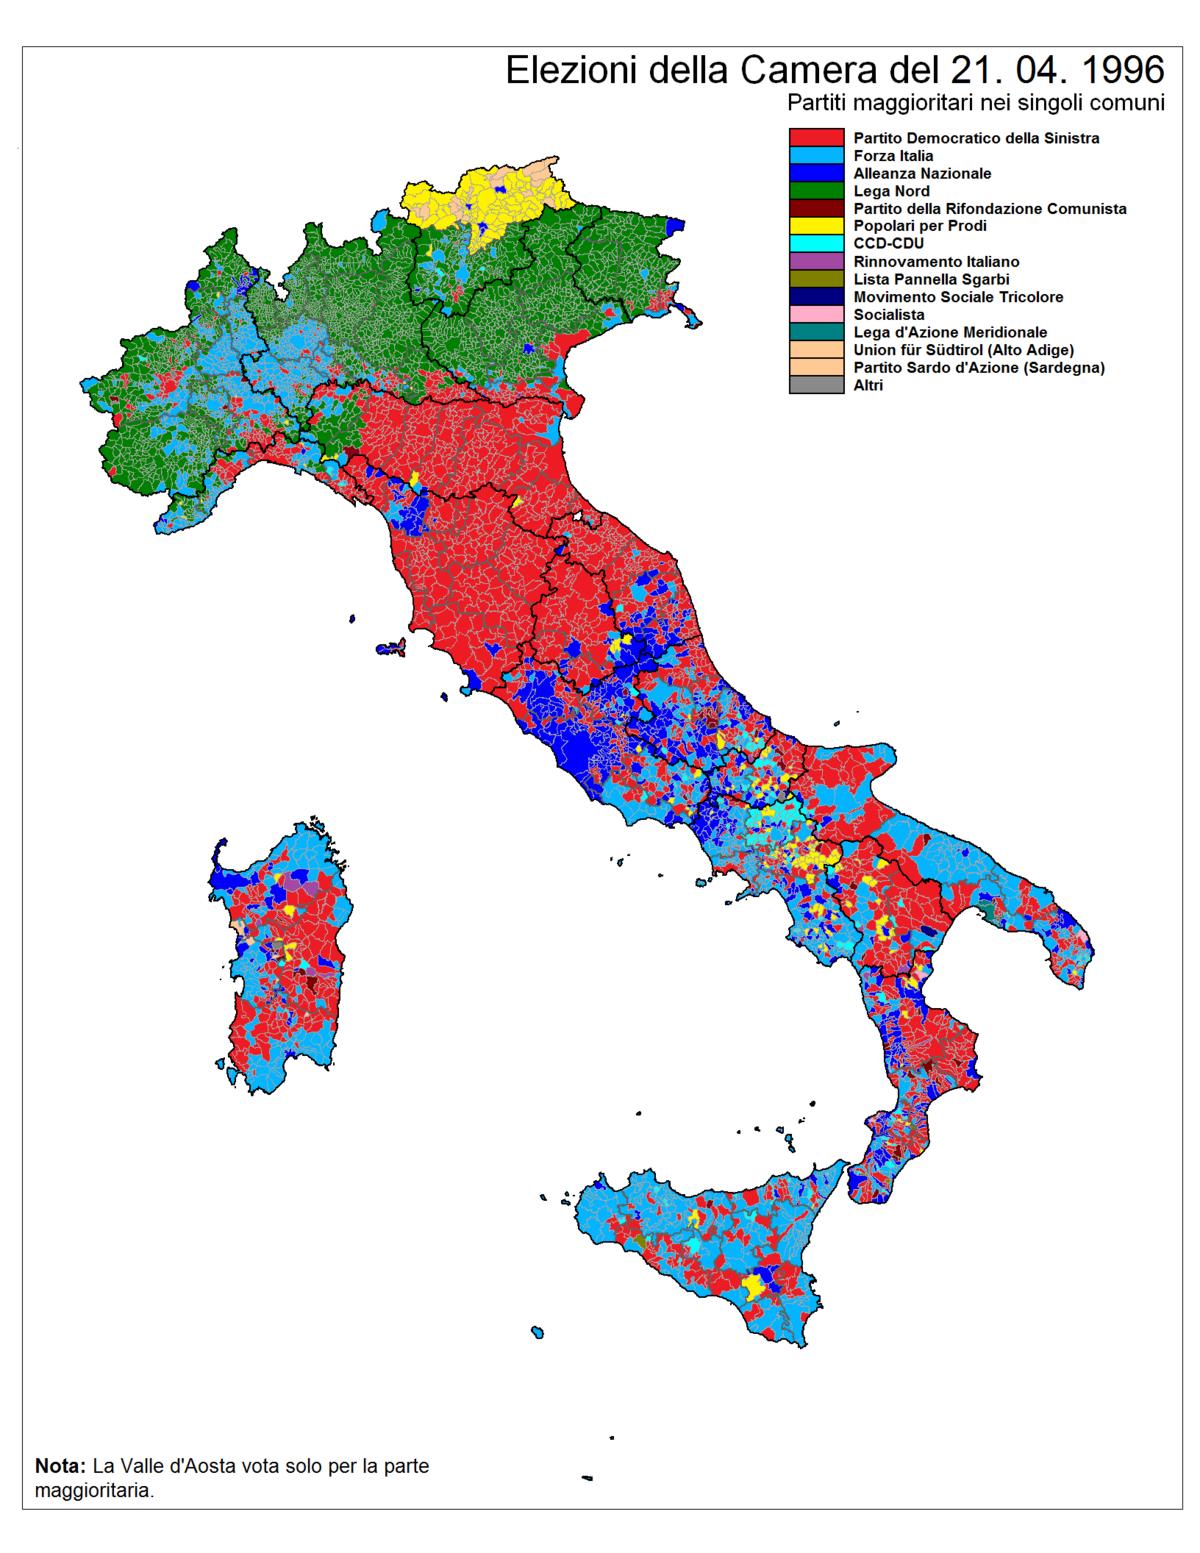 elezioni politiche italiane del 1996 wikipedia